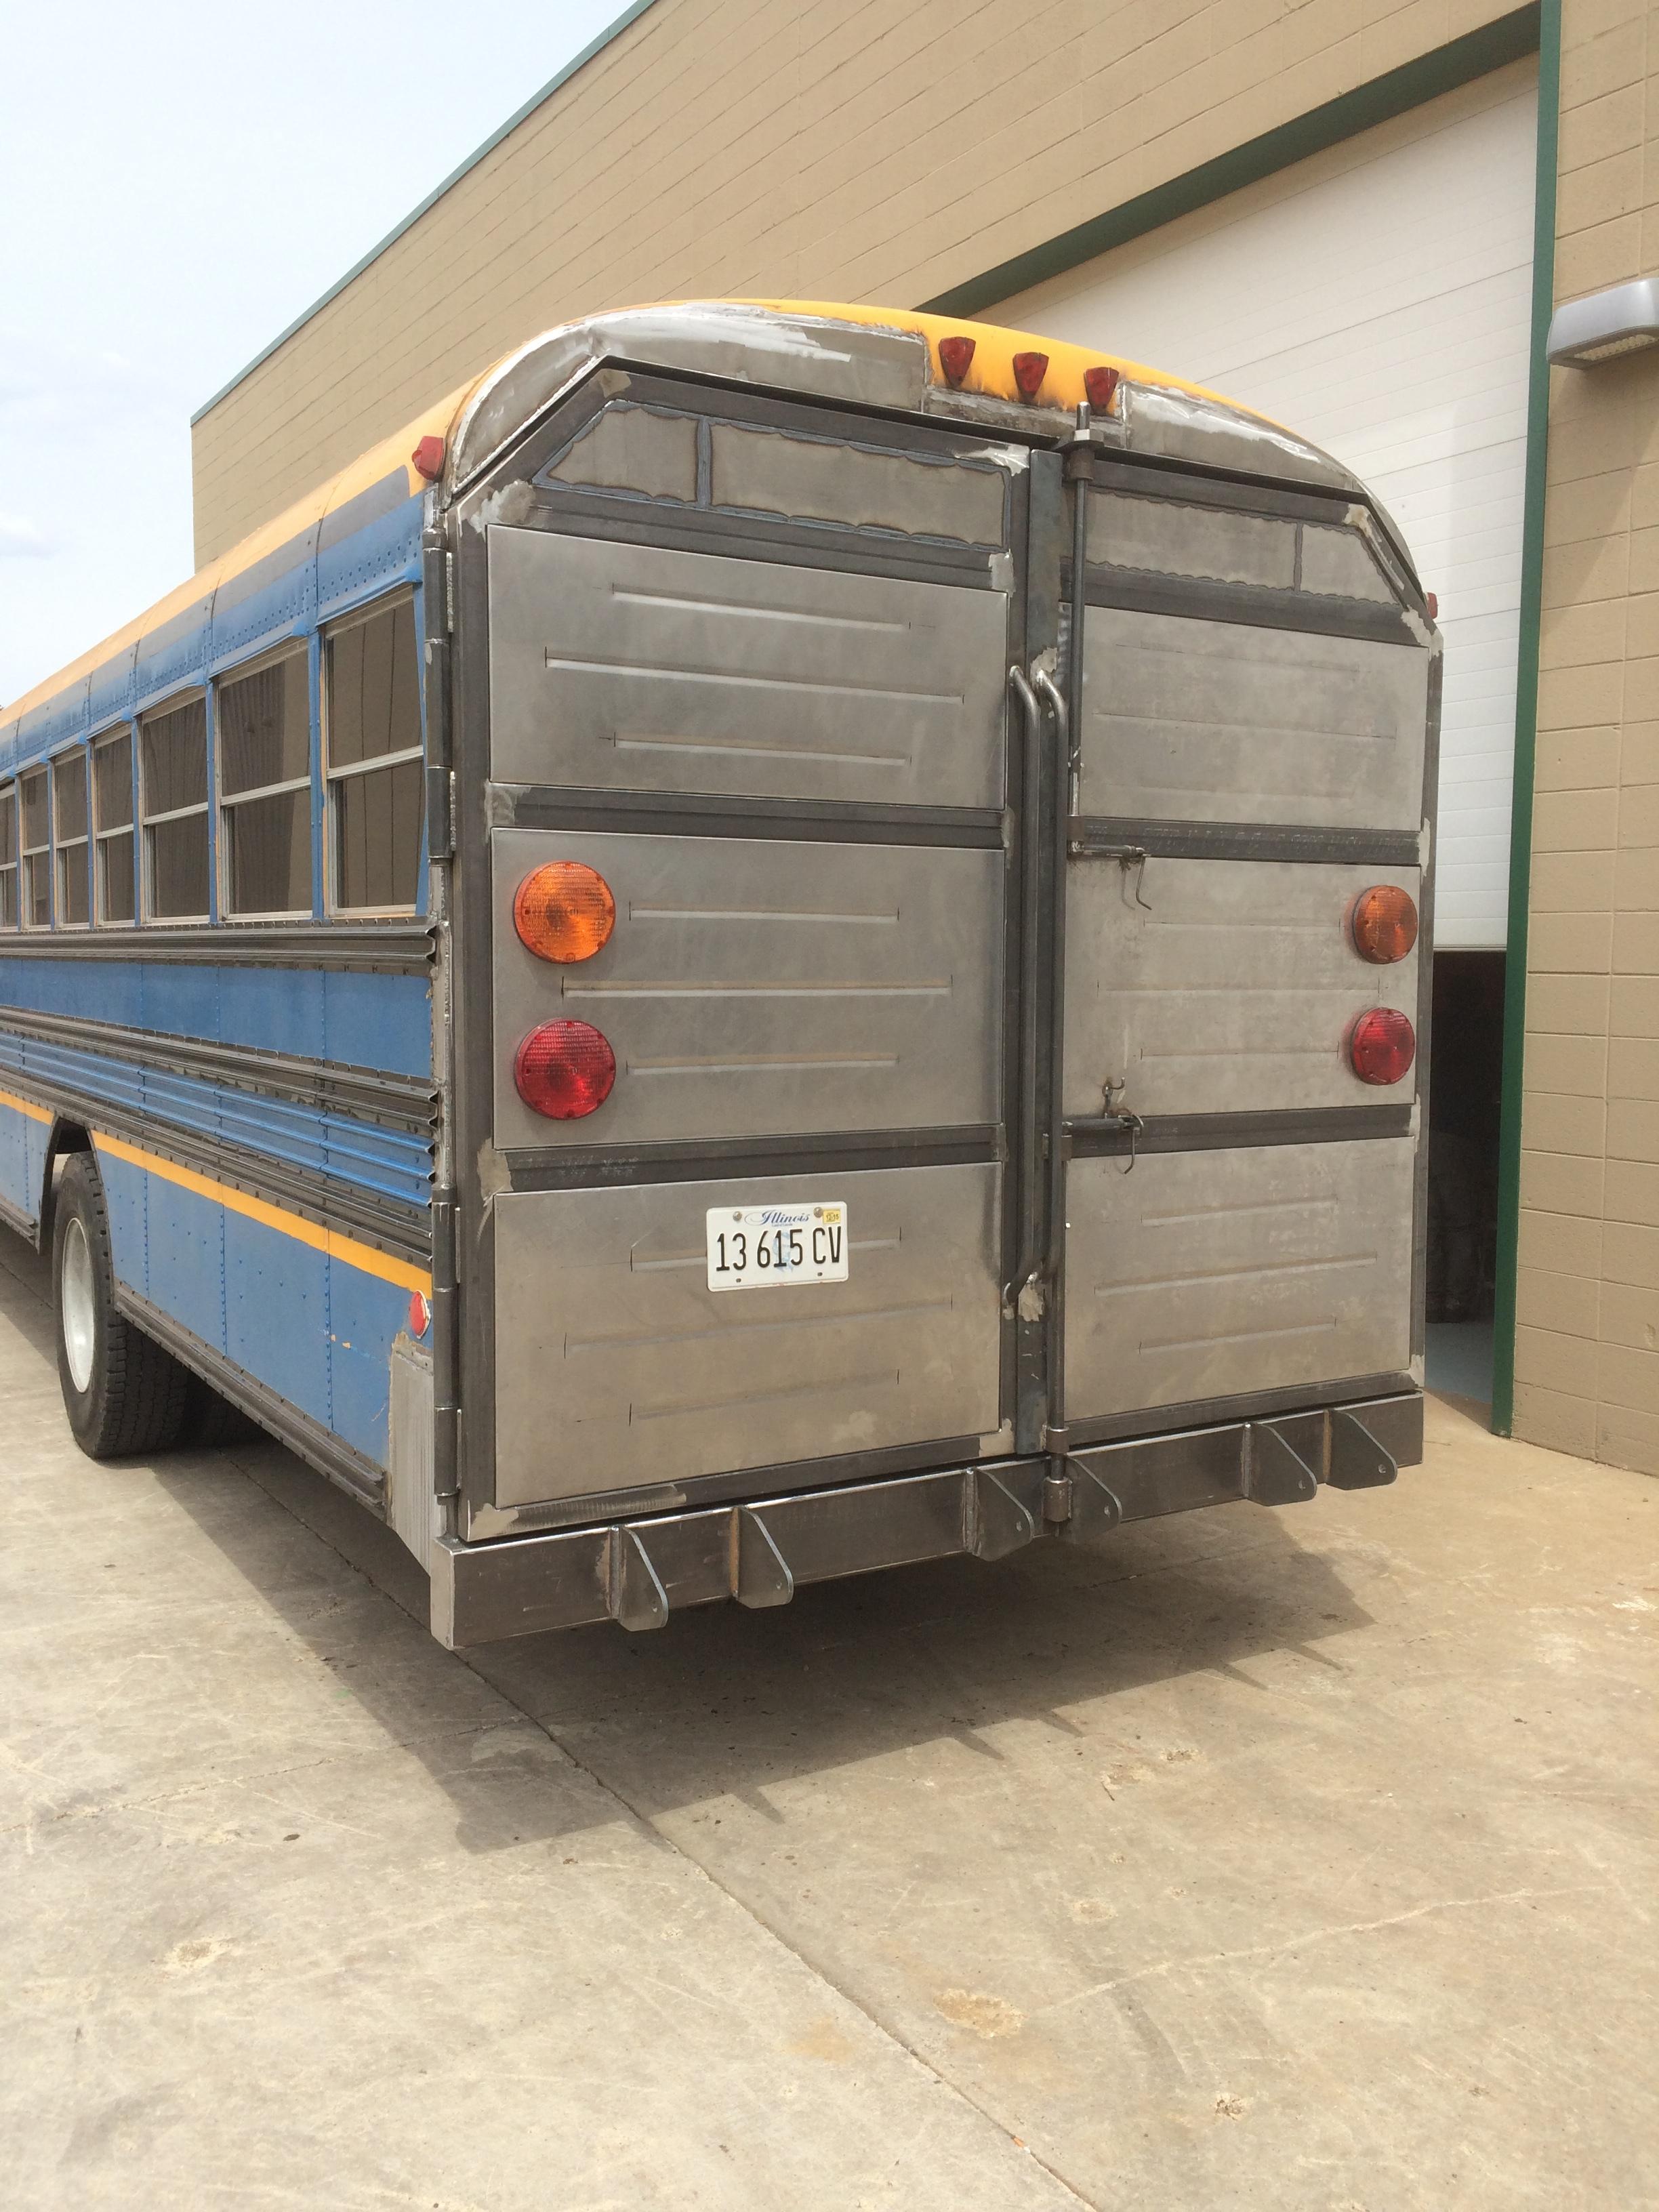 Full-Bore-Mark-Prosser-Bus